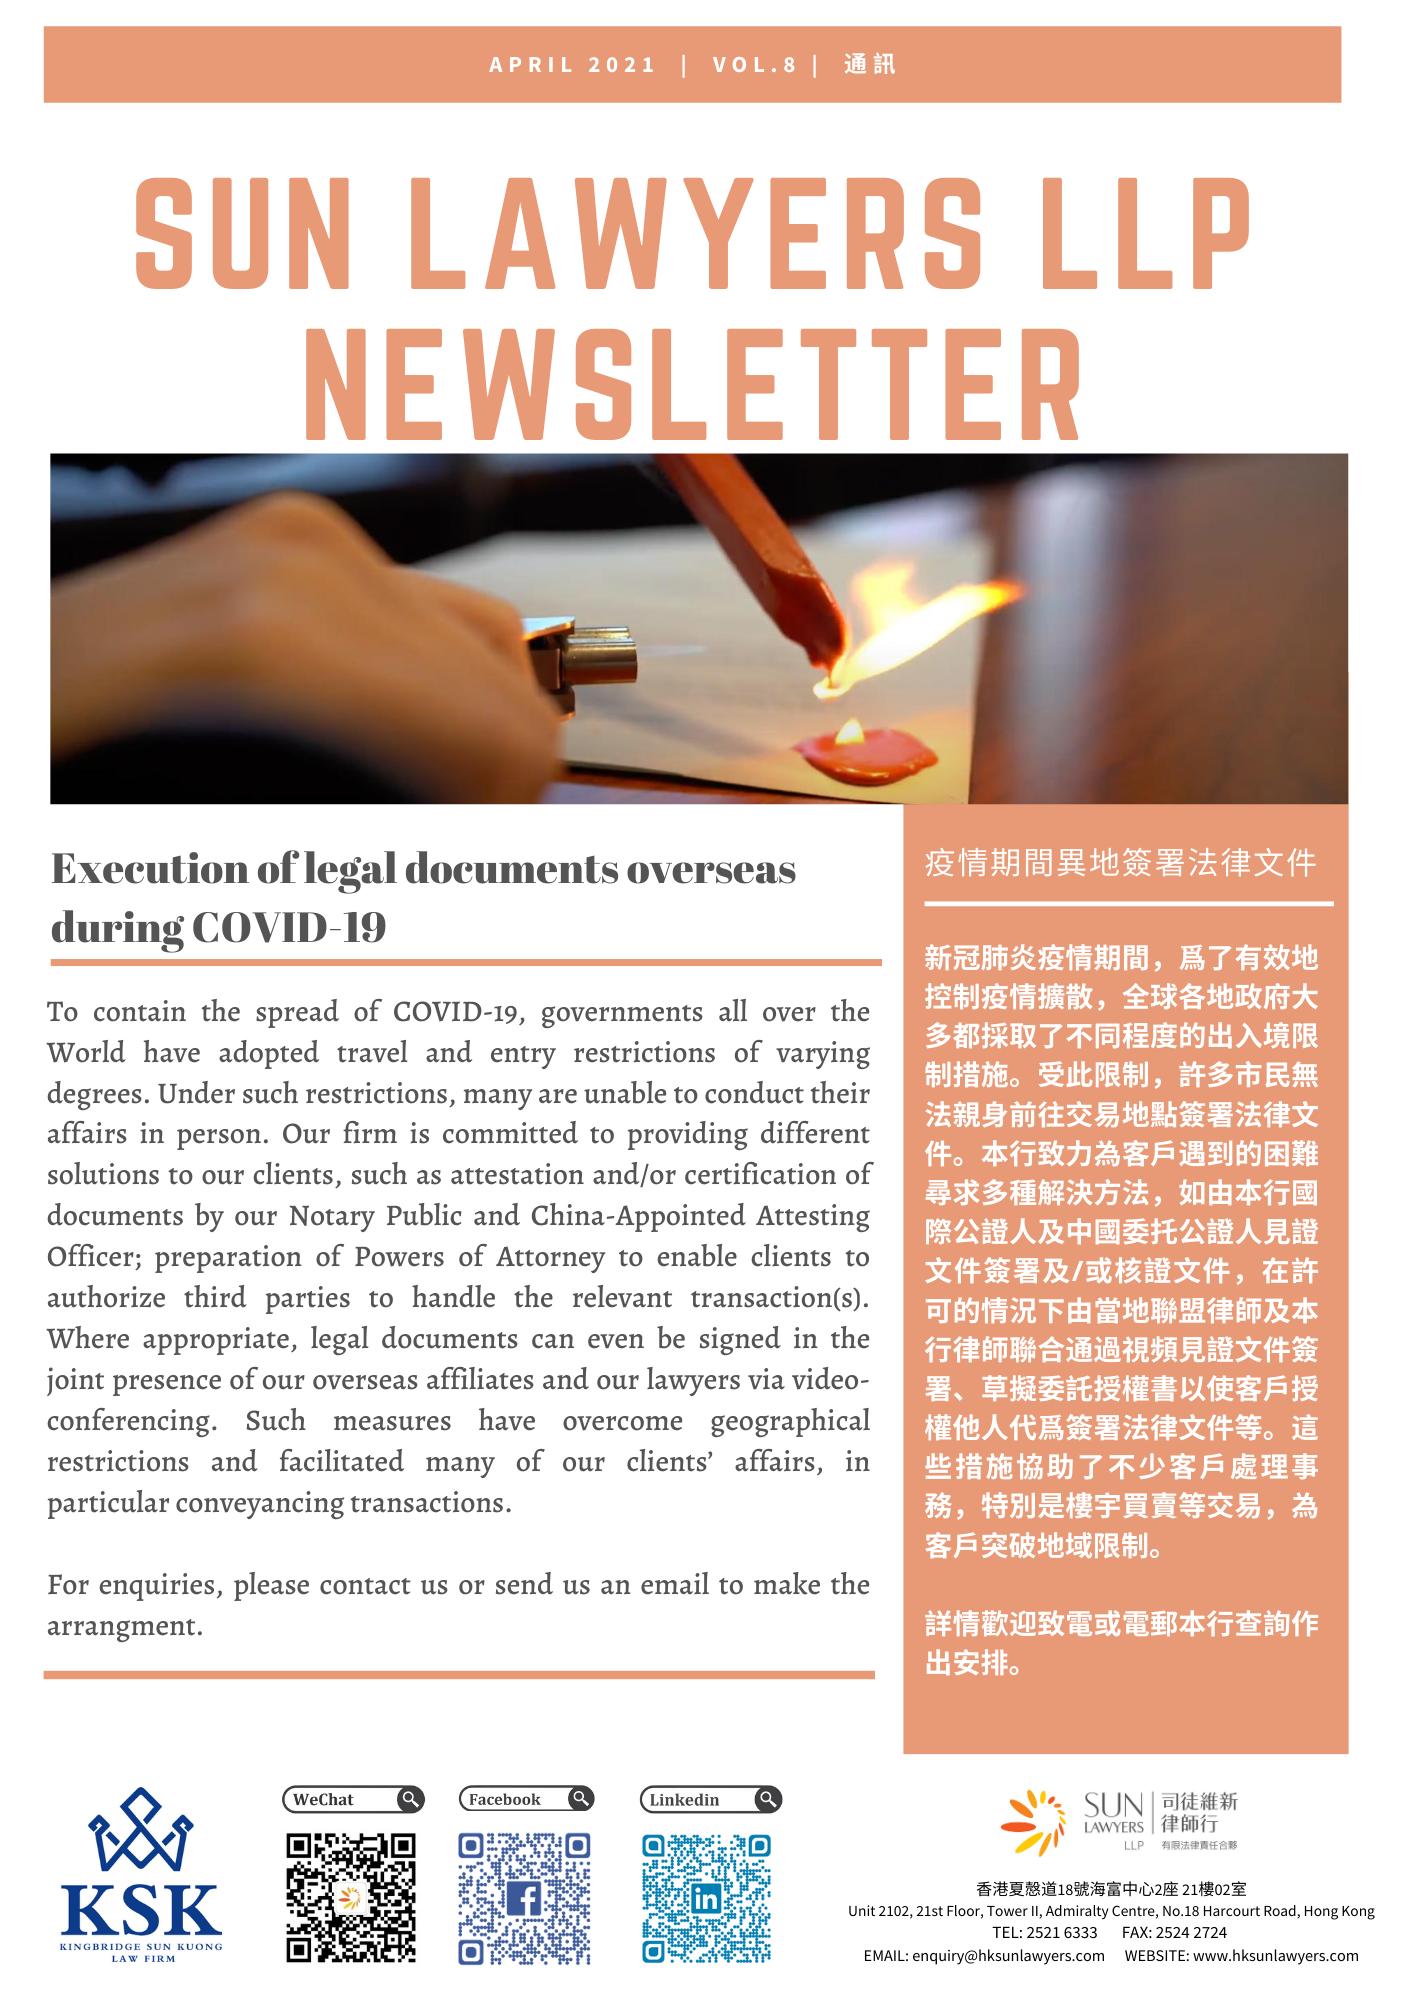 April 2021 Newsletter